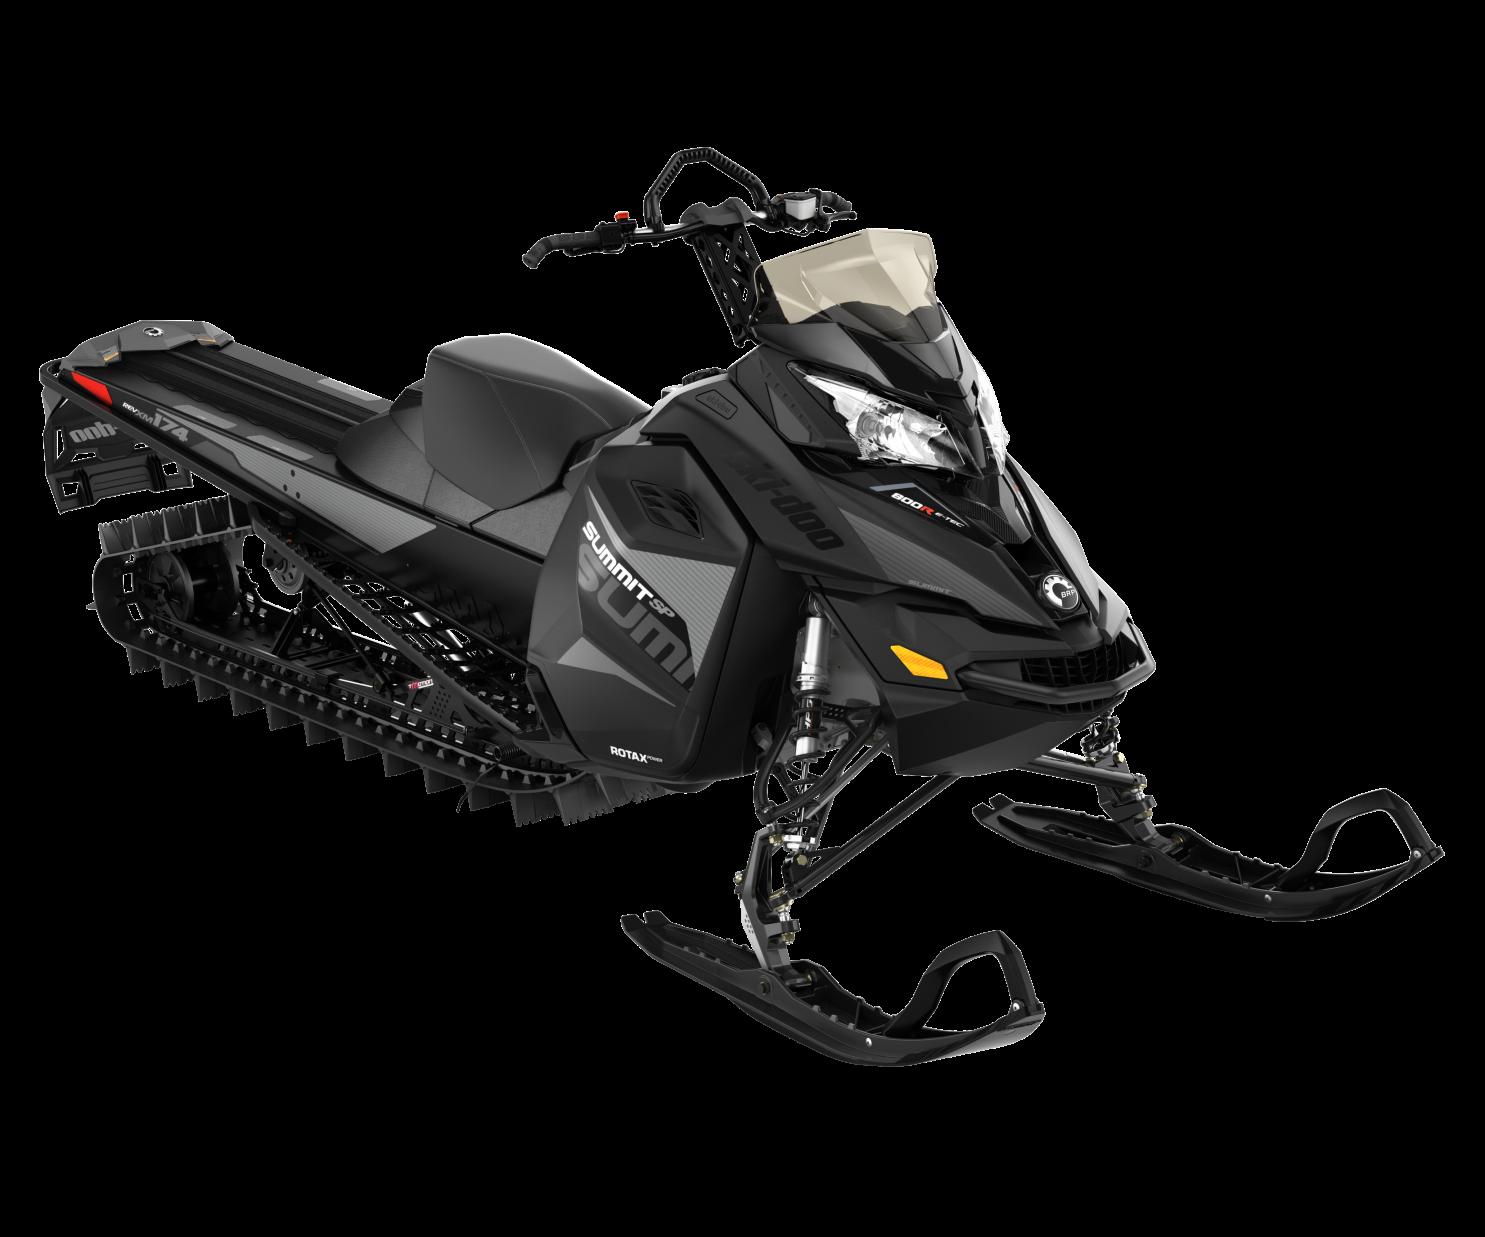 2017 Ski Doo Summit Sp 800r E-tec 174